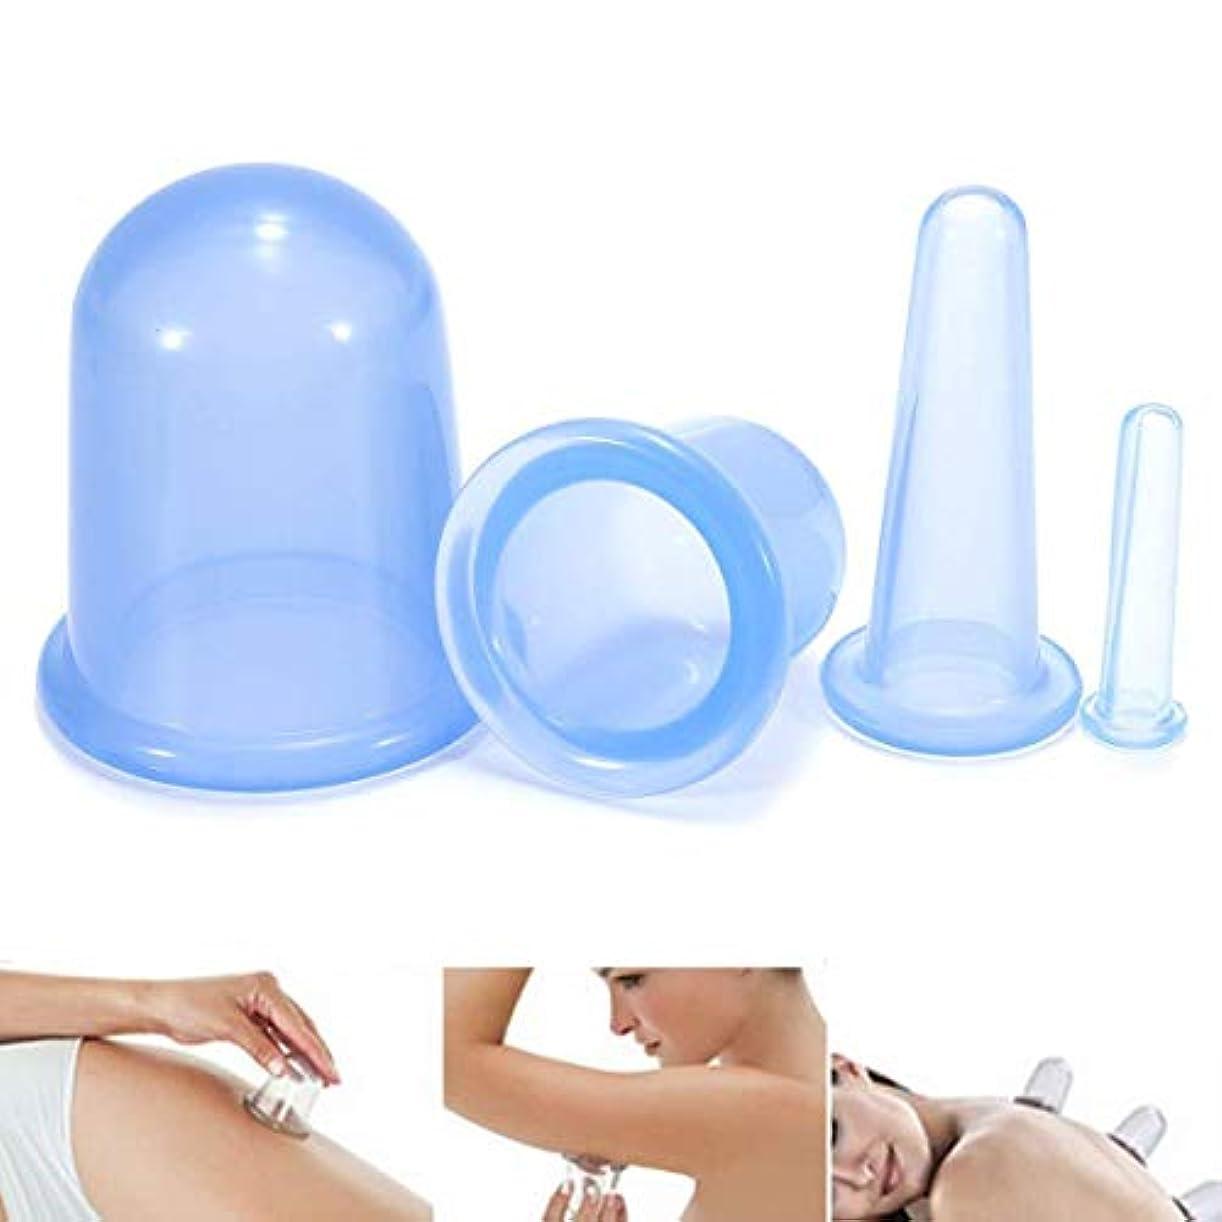 協力する経由で目に見えるセルライトカッピングセット療法マッサージGuasha吸引真空マッサージカップ美容シリコーンカッピング